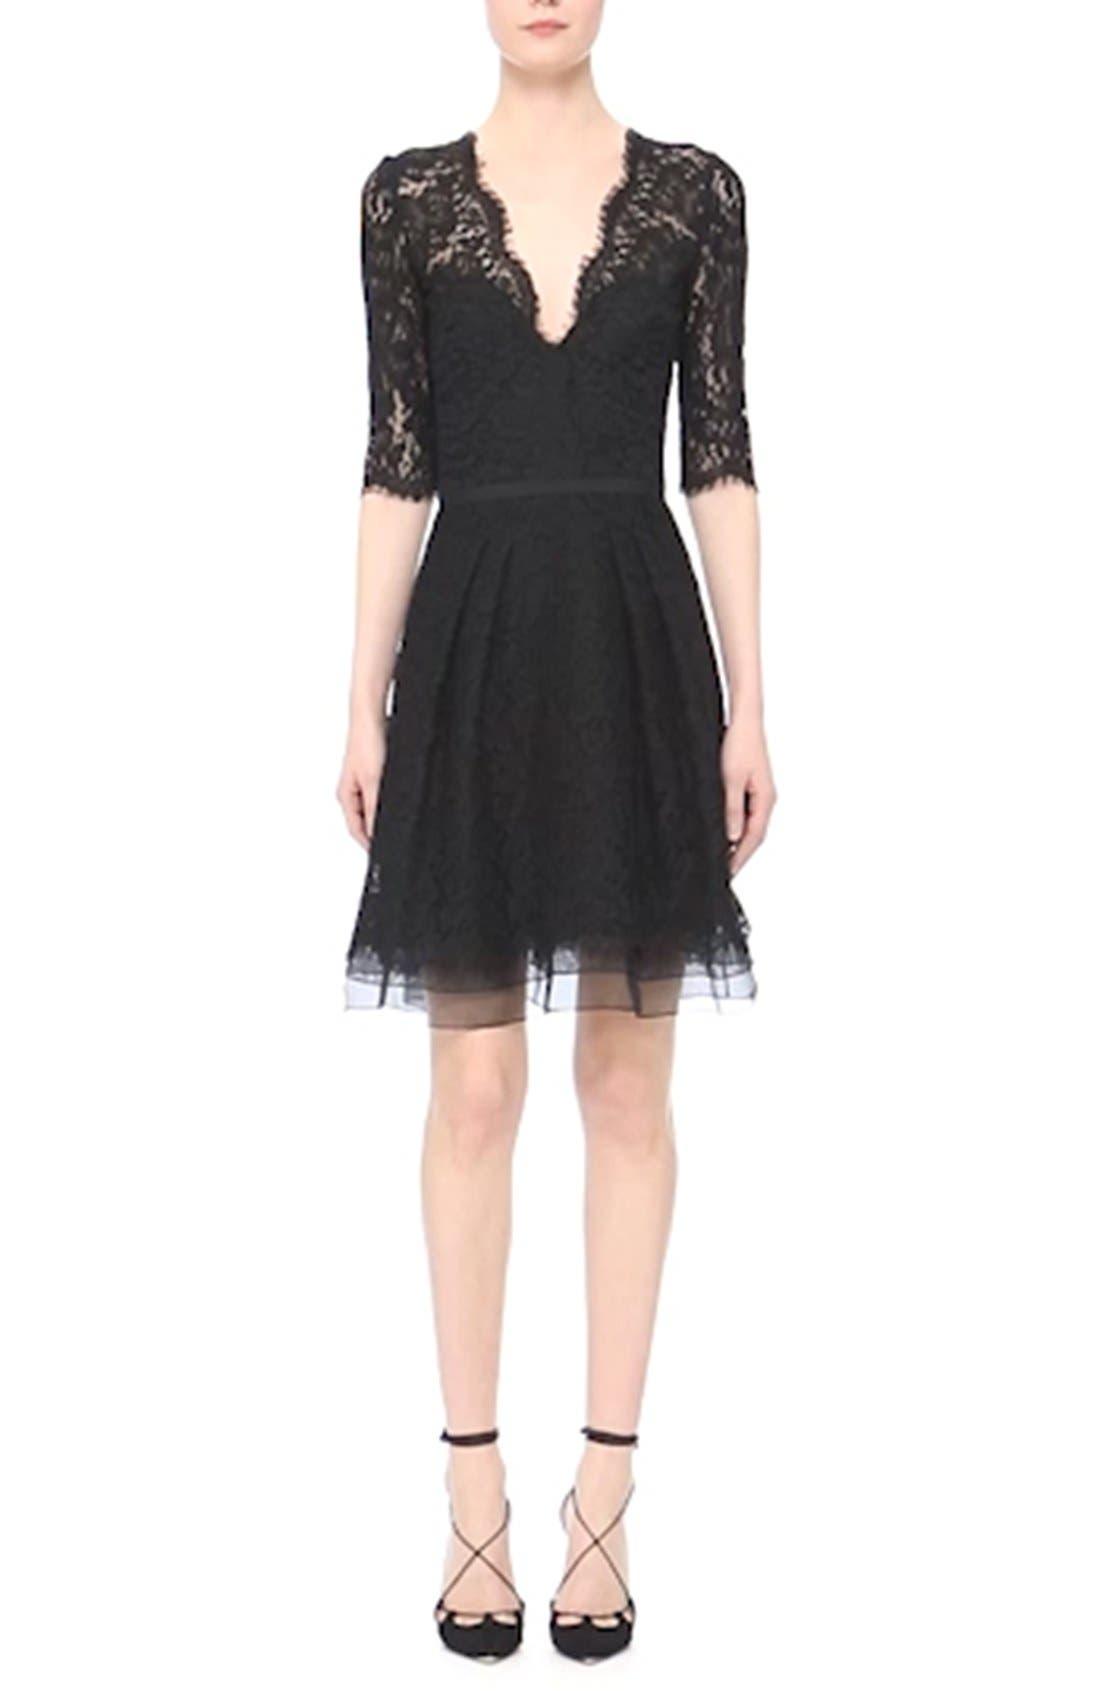 Lace A-Line Cocktail Dress,                             Alternate thumbnail 6, color,                             001